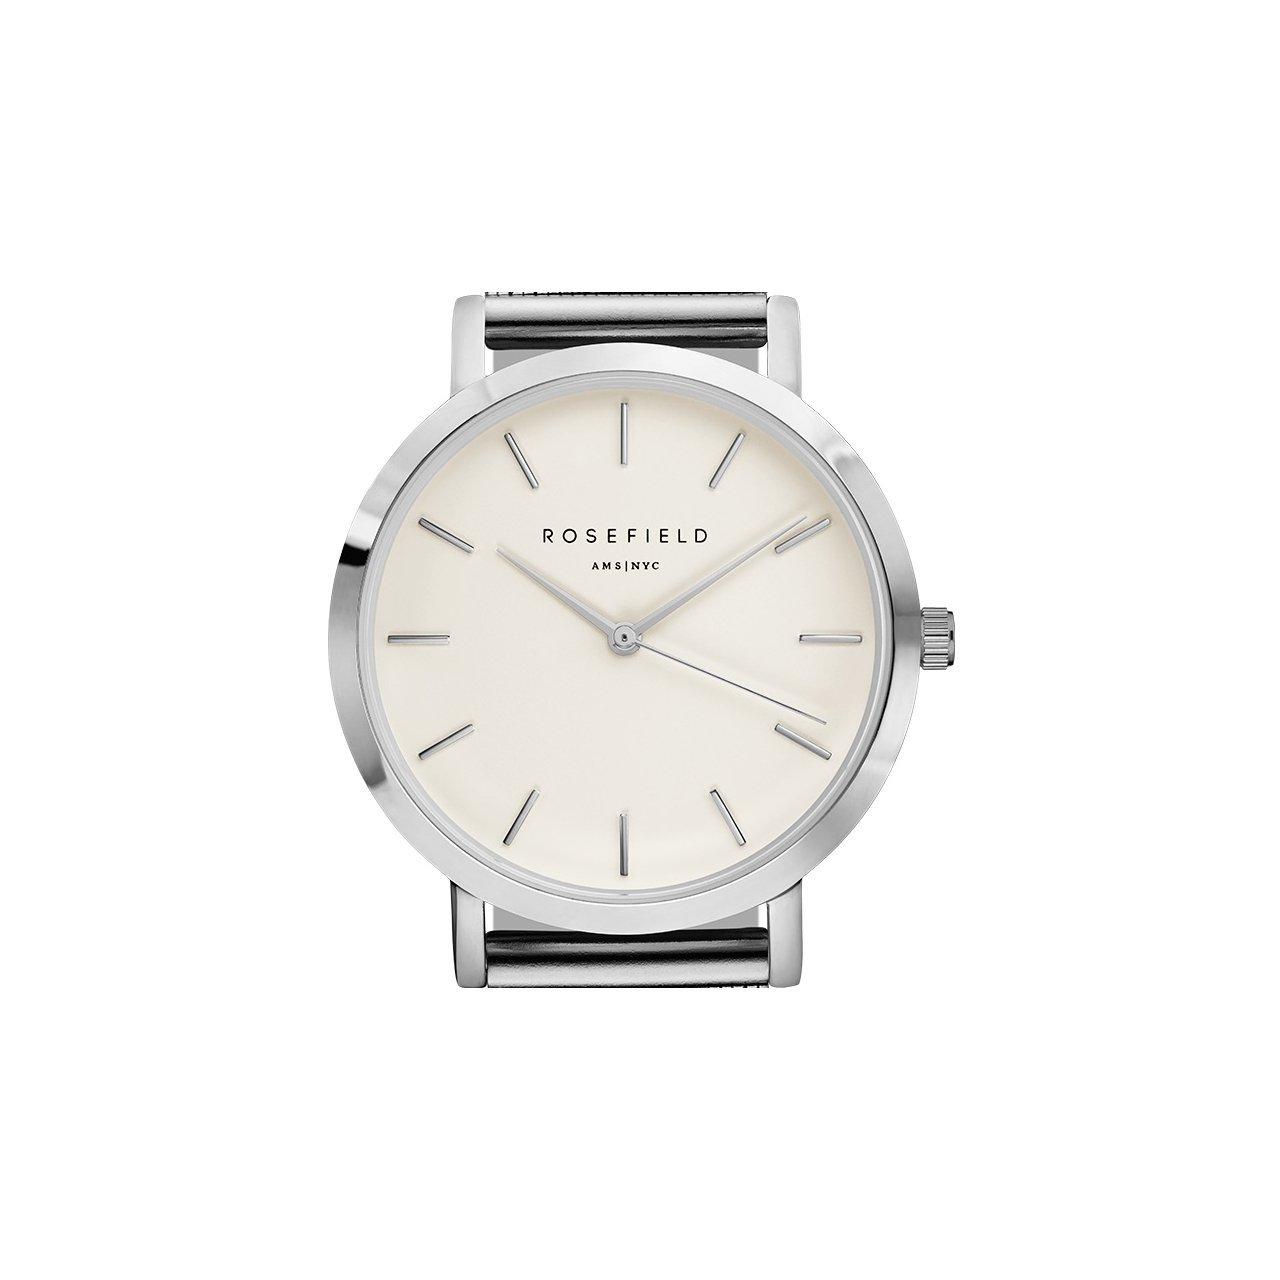 Rosefield Reloj Analógico para Mujer de Cuarzo con Correa en Metal TWS-T52: Amazon.es: Relojes